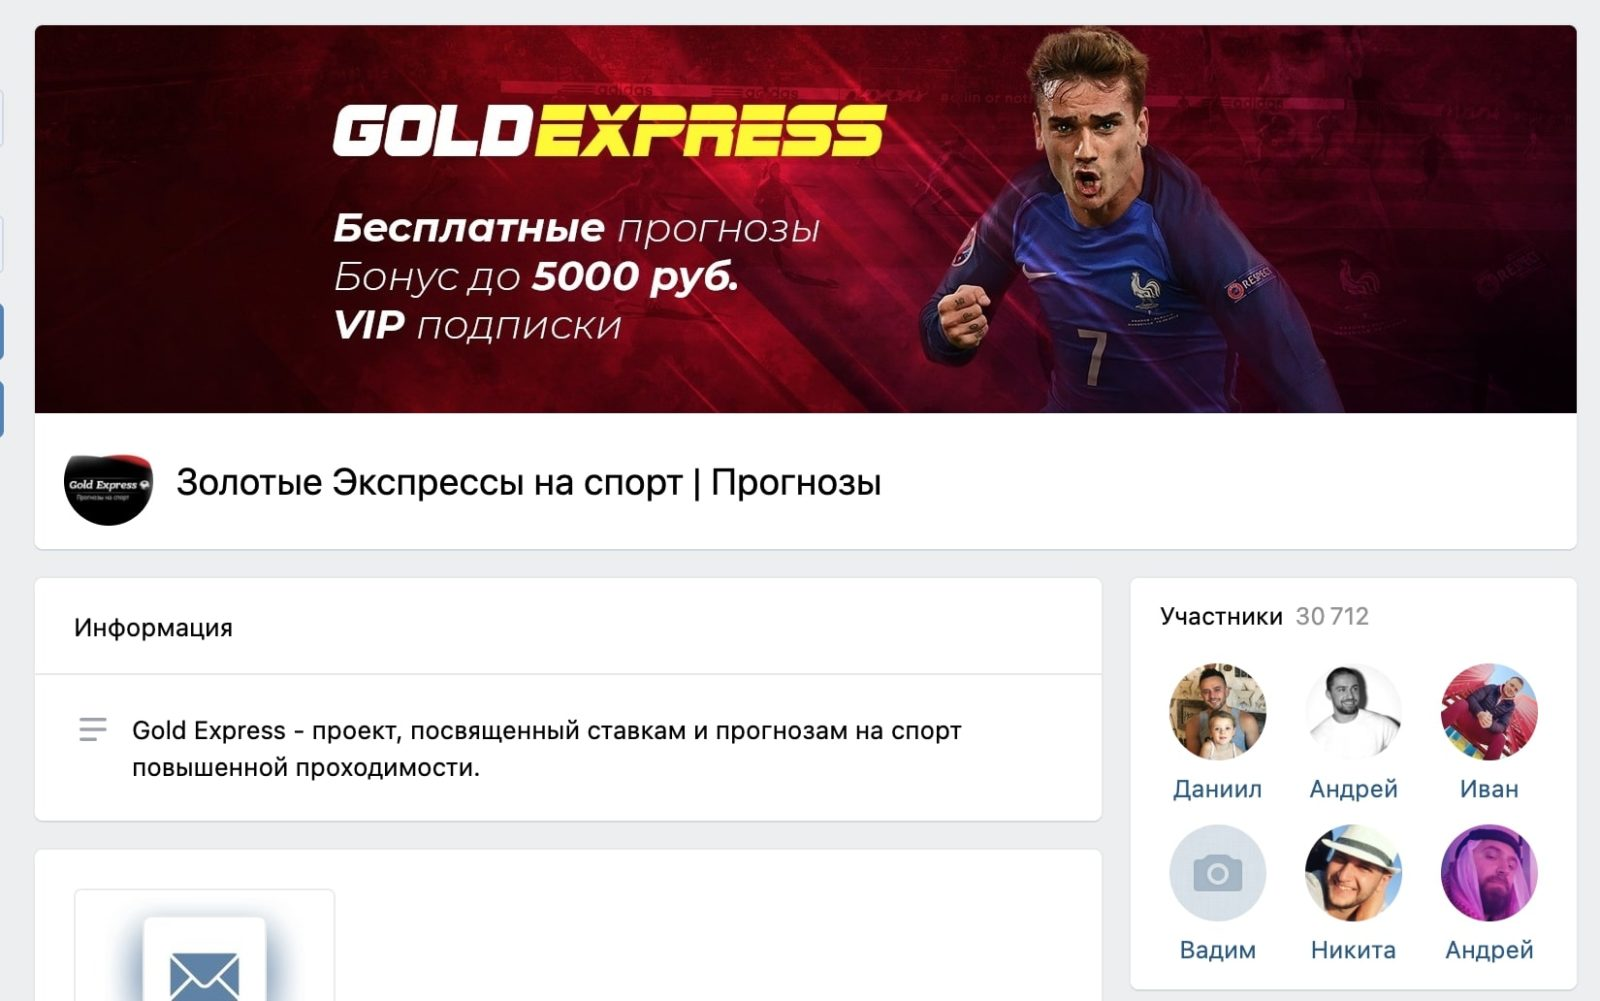 Группа ВК Gold Express (Голд экспресс)